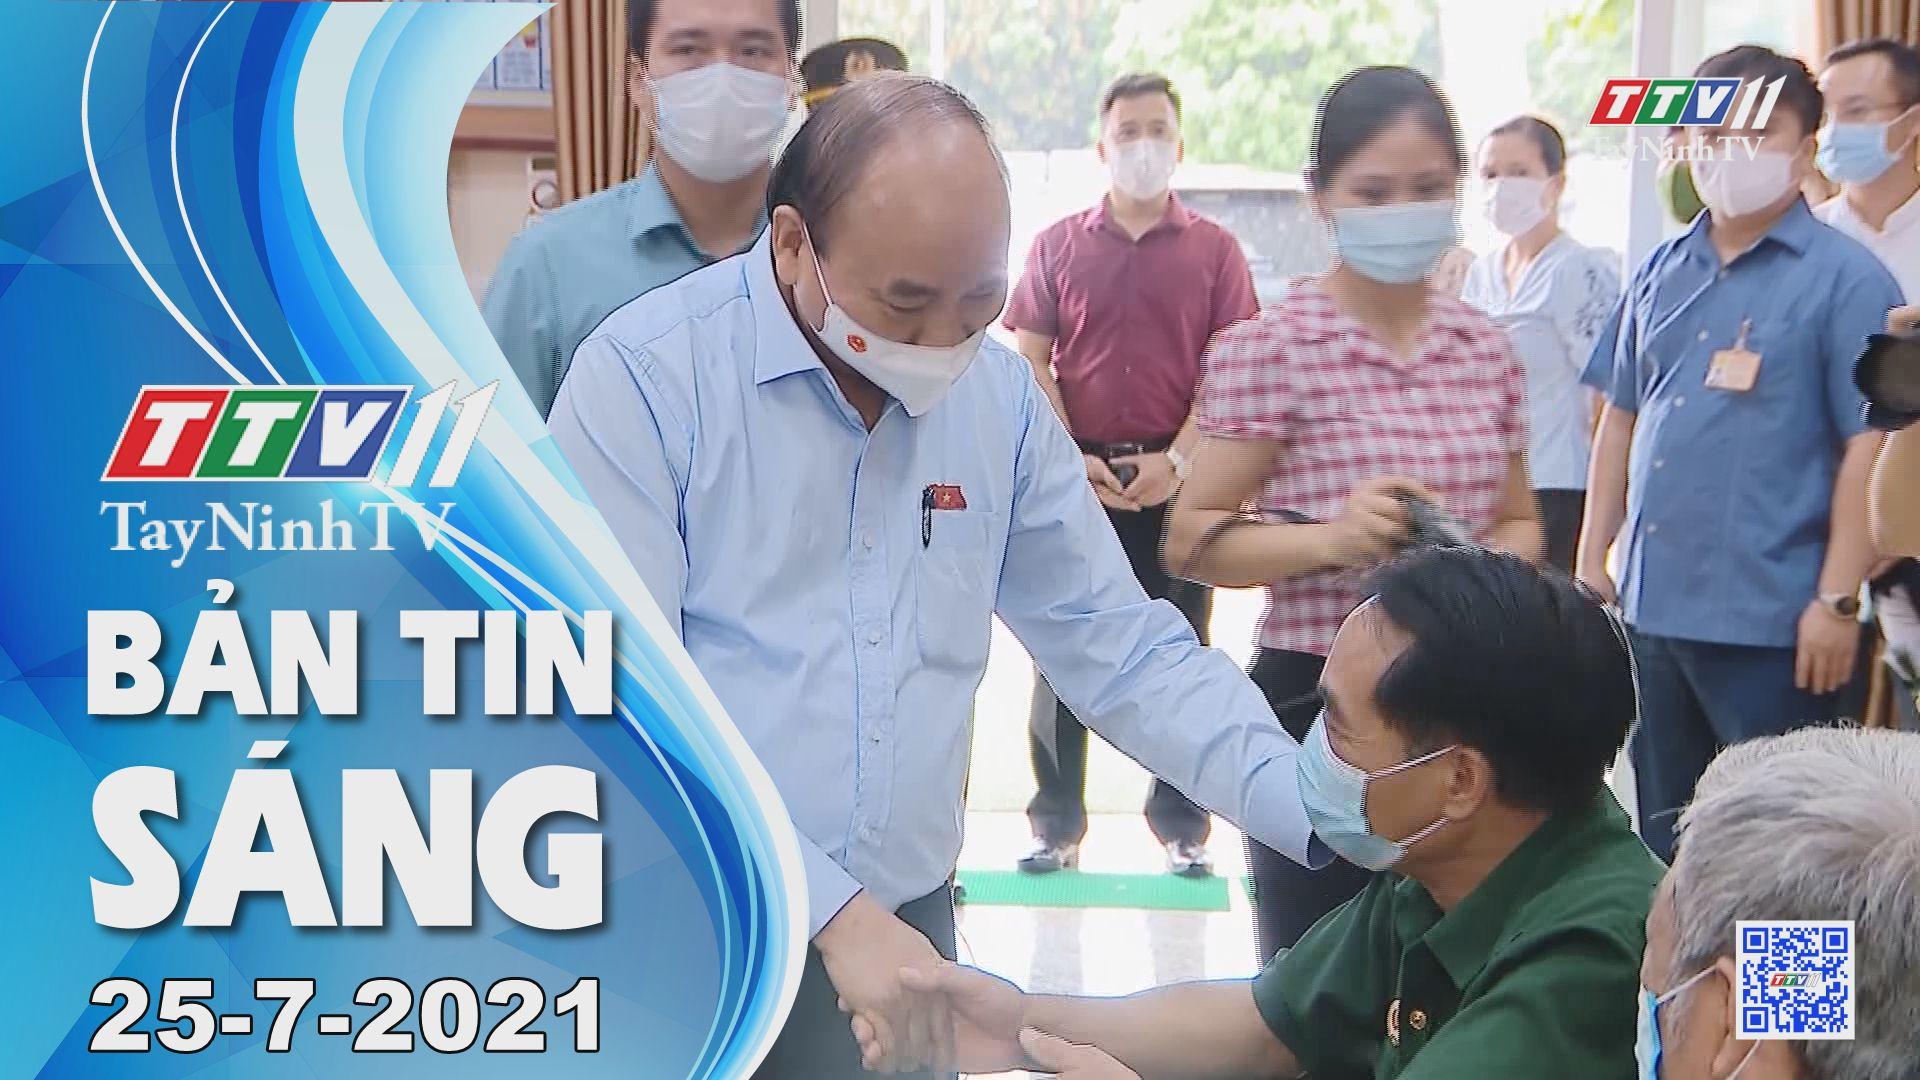 Bản tin sáng 25-7-2021 | Tin tức hôm nay | TayNinhTV